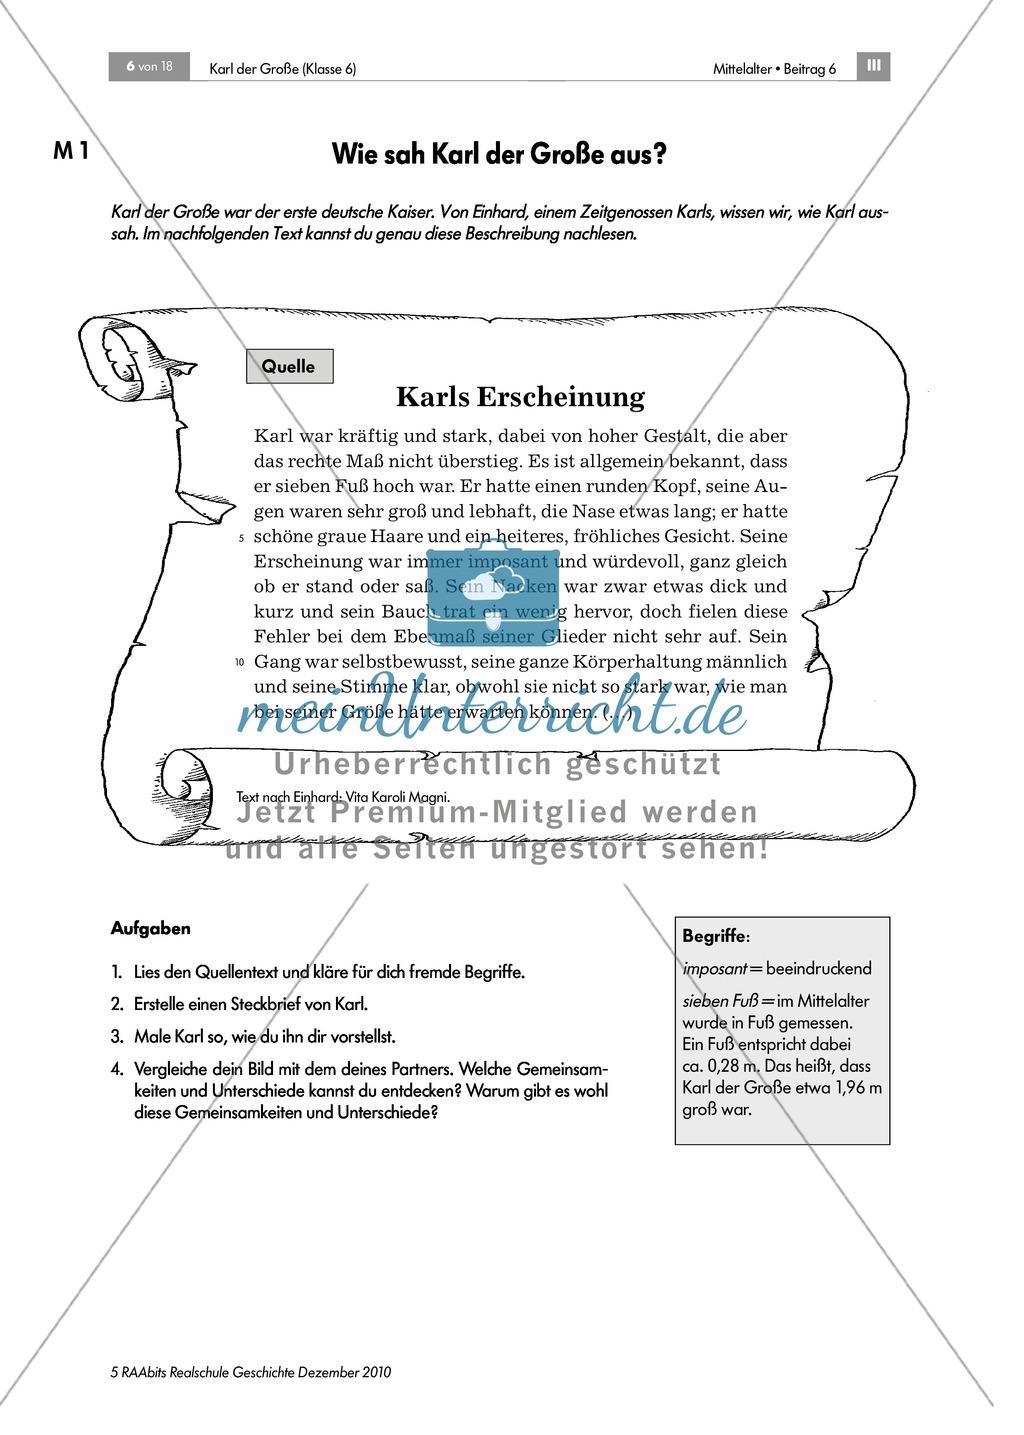 Karl der Große_ Die Person Karl der Große anhand einer Quelle ...